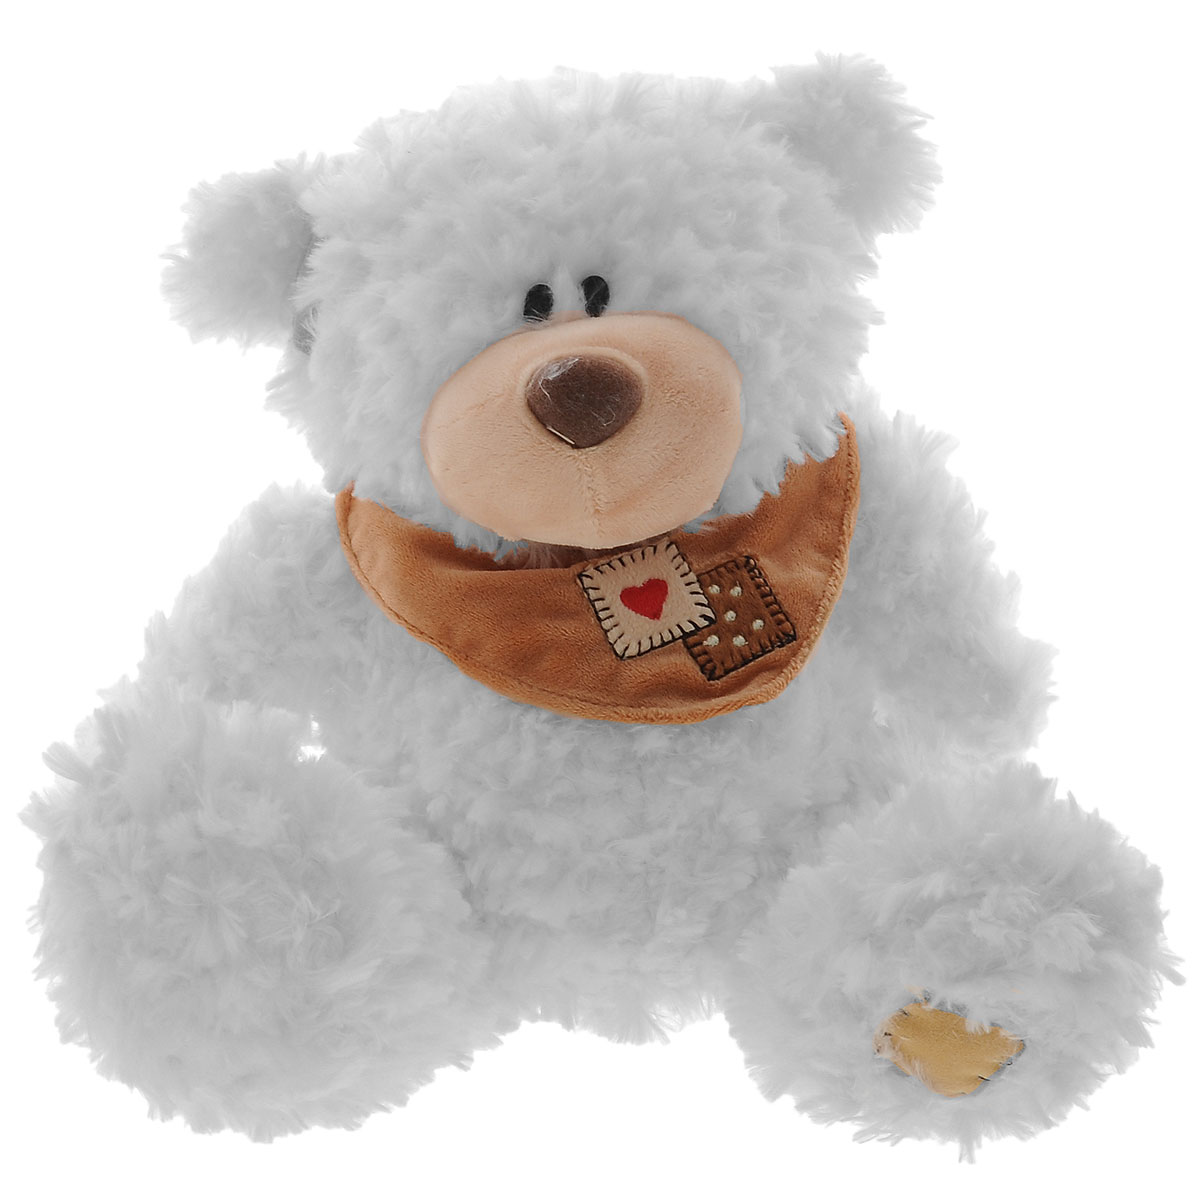 Plush Apple Мягкая музыкальная игрушка Медведь с шарфом, 25 см мягкая игрушка plush apple собака с шарфом 28 см